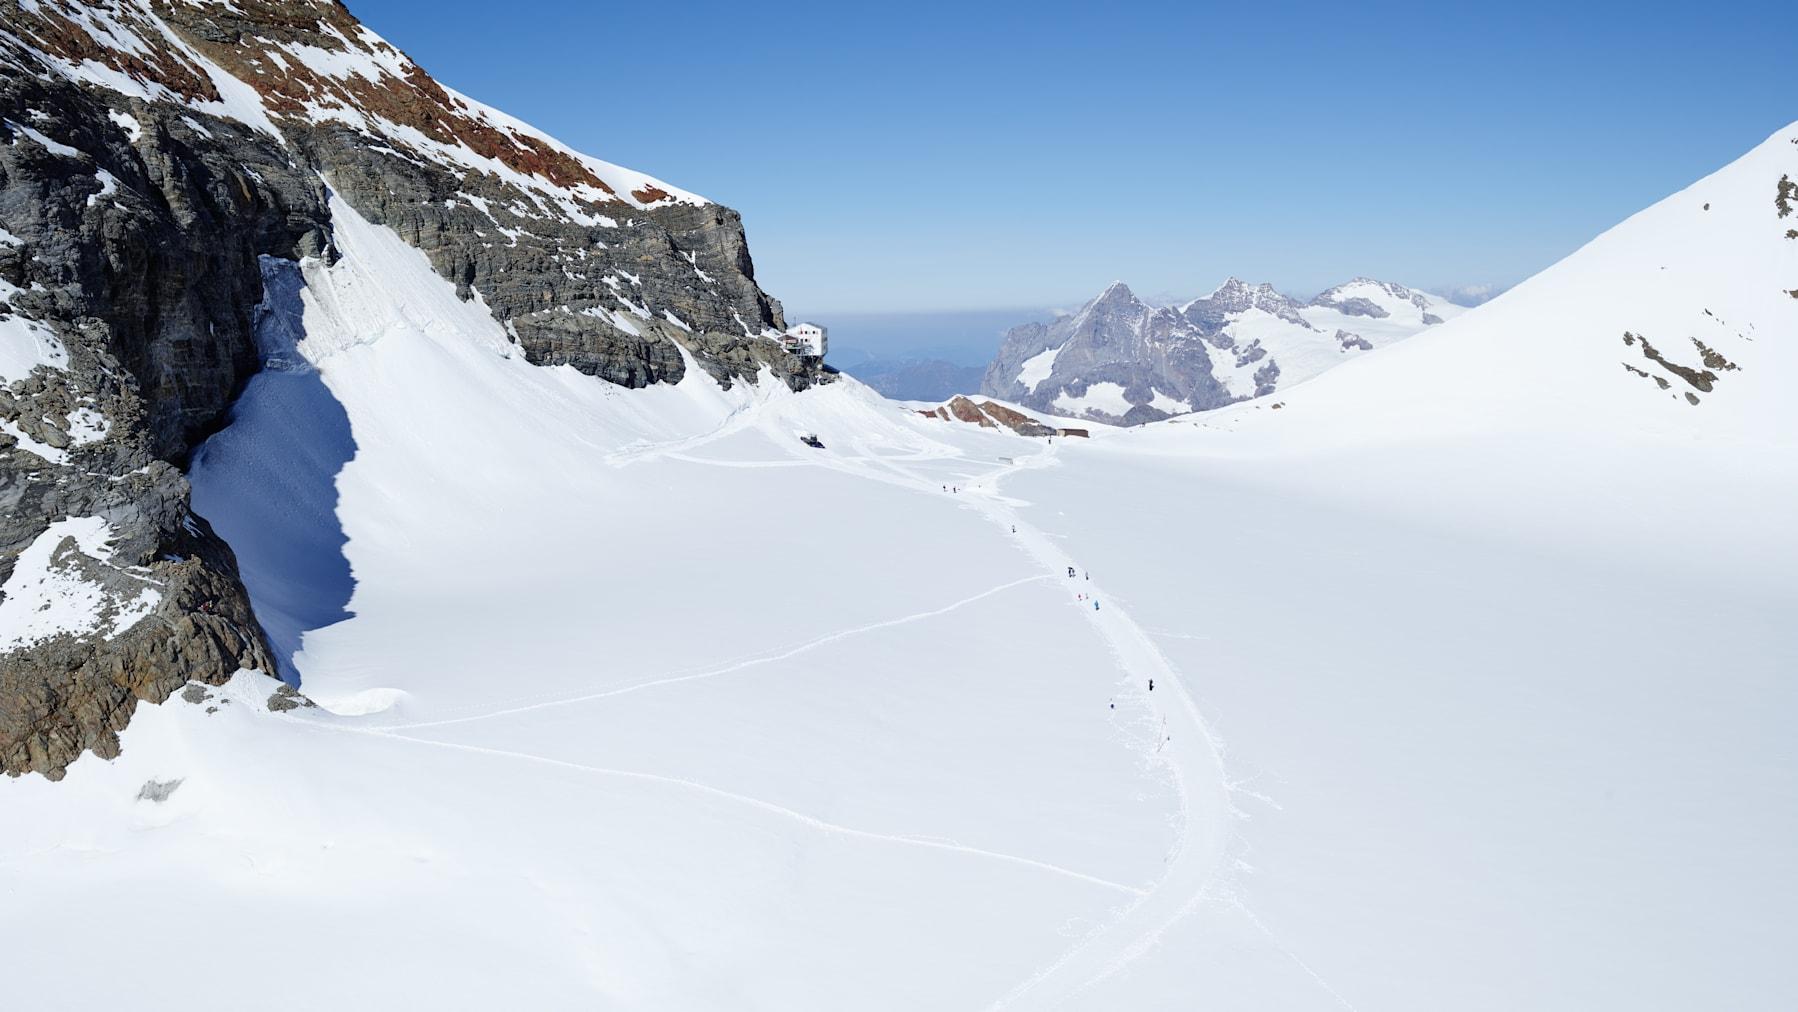 Jungfraujoch Gletscher Moenchsjochhuette Wandern